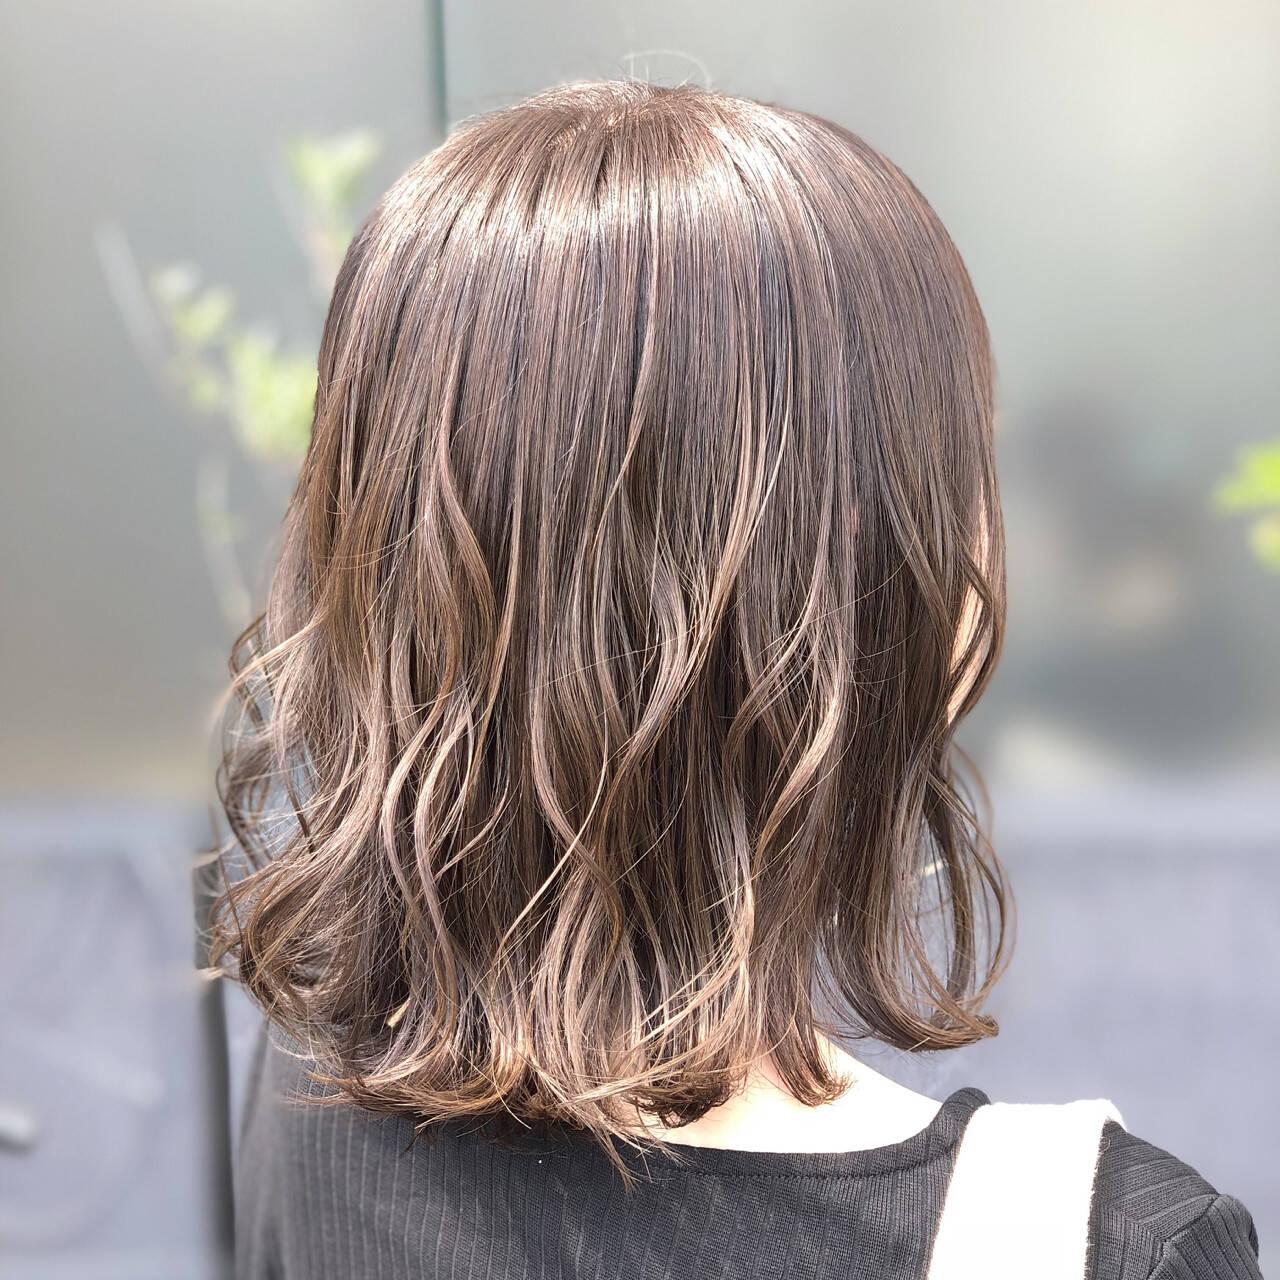 ゆるふわ 女子力 ウェーブ アウトドアヘアスタイルや髪型の写真・画像